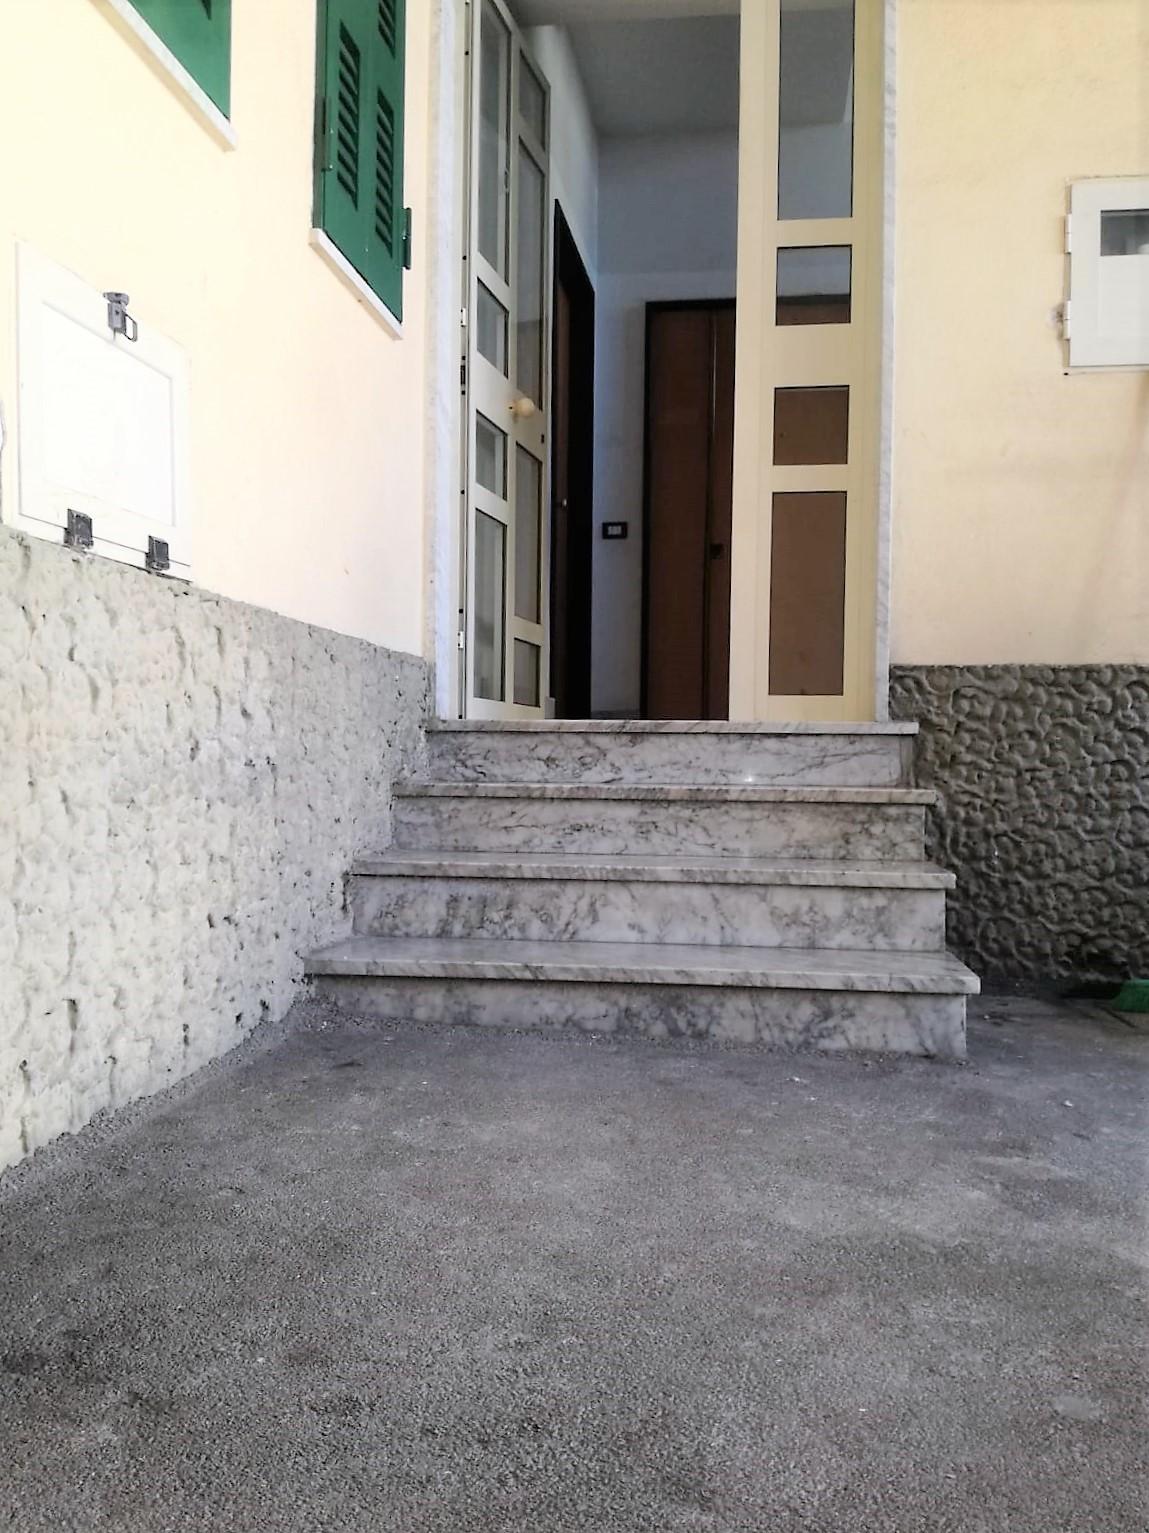 Appartamento monolocale in affitto marano di napoli for Monolocale napoli affitto arredato